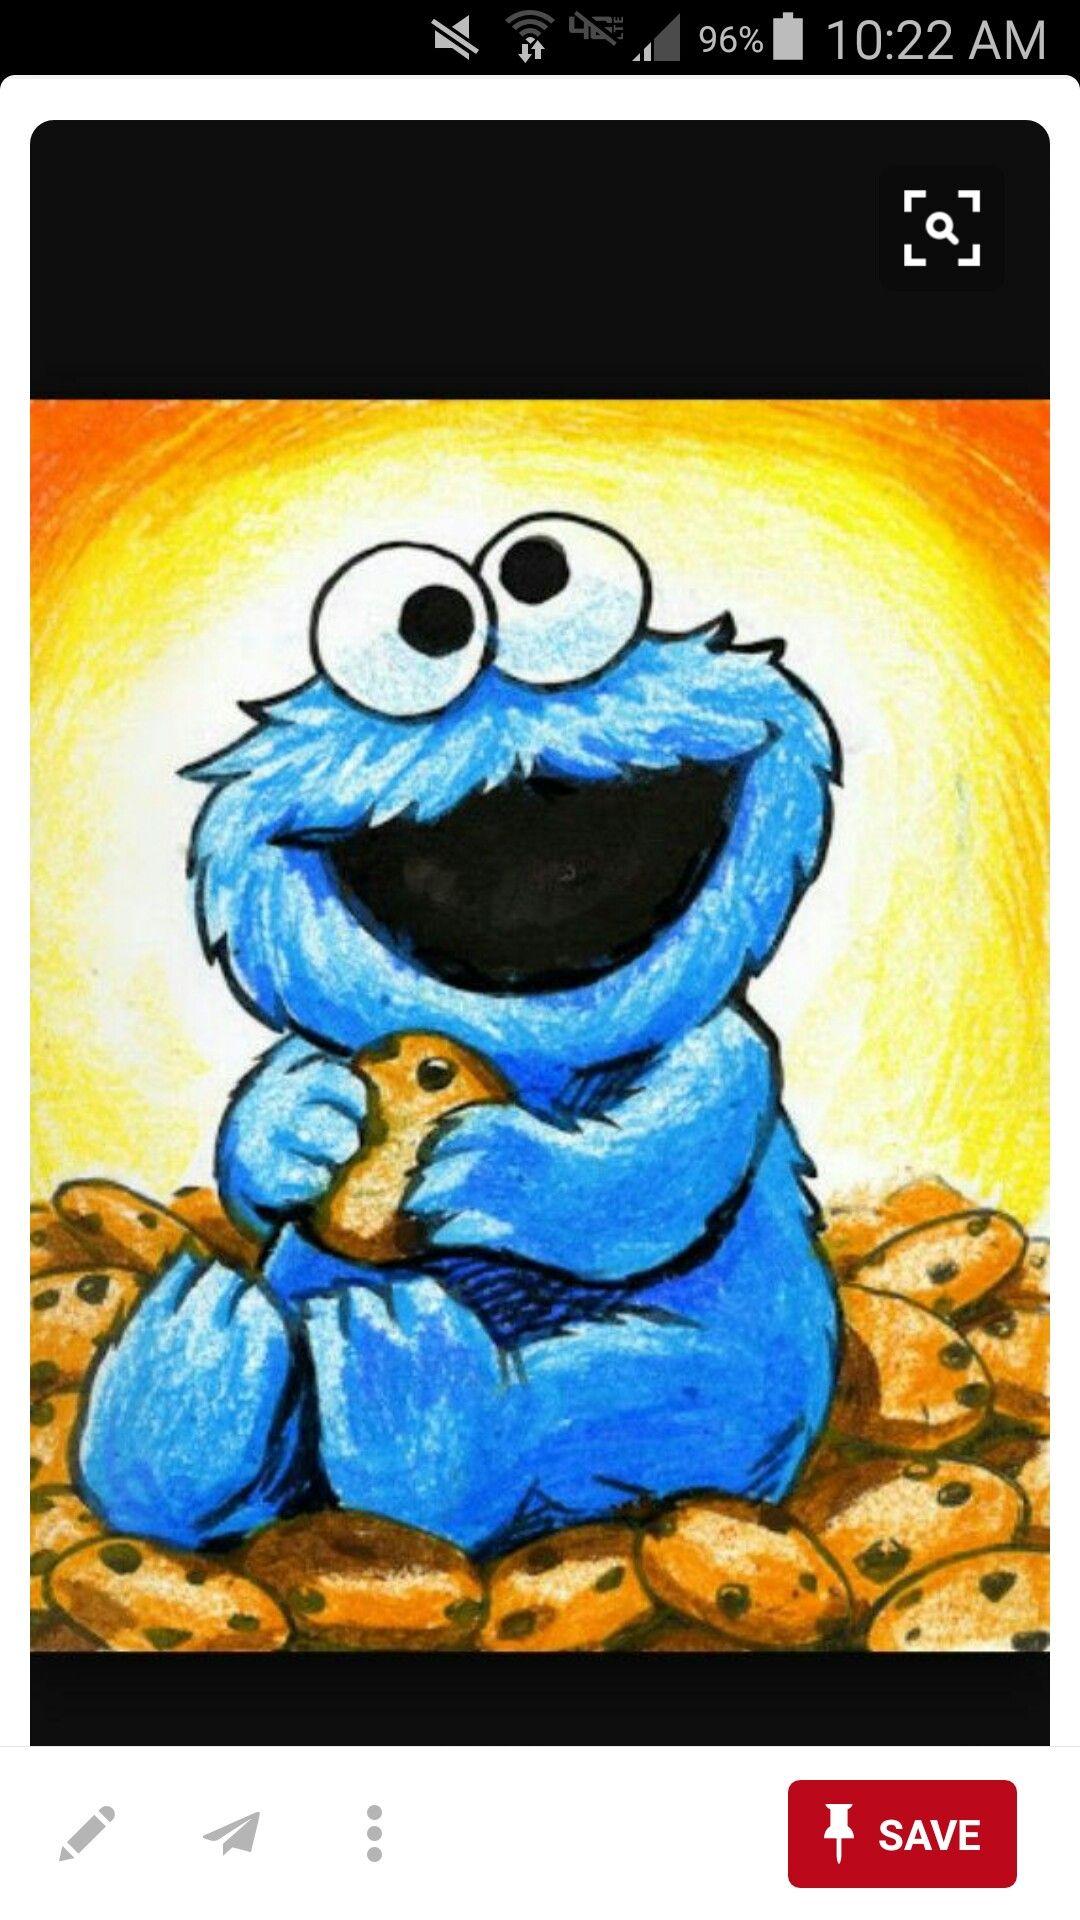 Pin von Cookie Monster auf art stuff | Pinterest | Zeichnungen